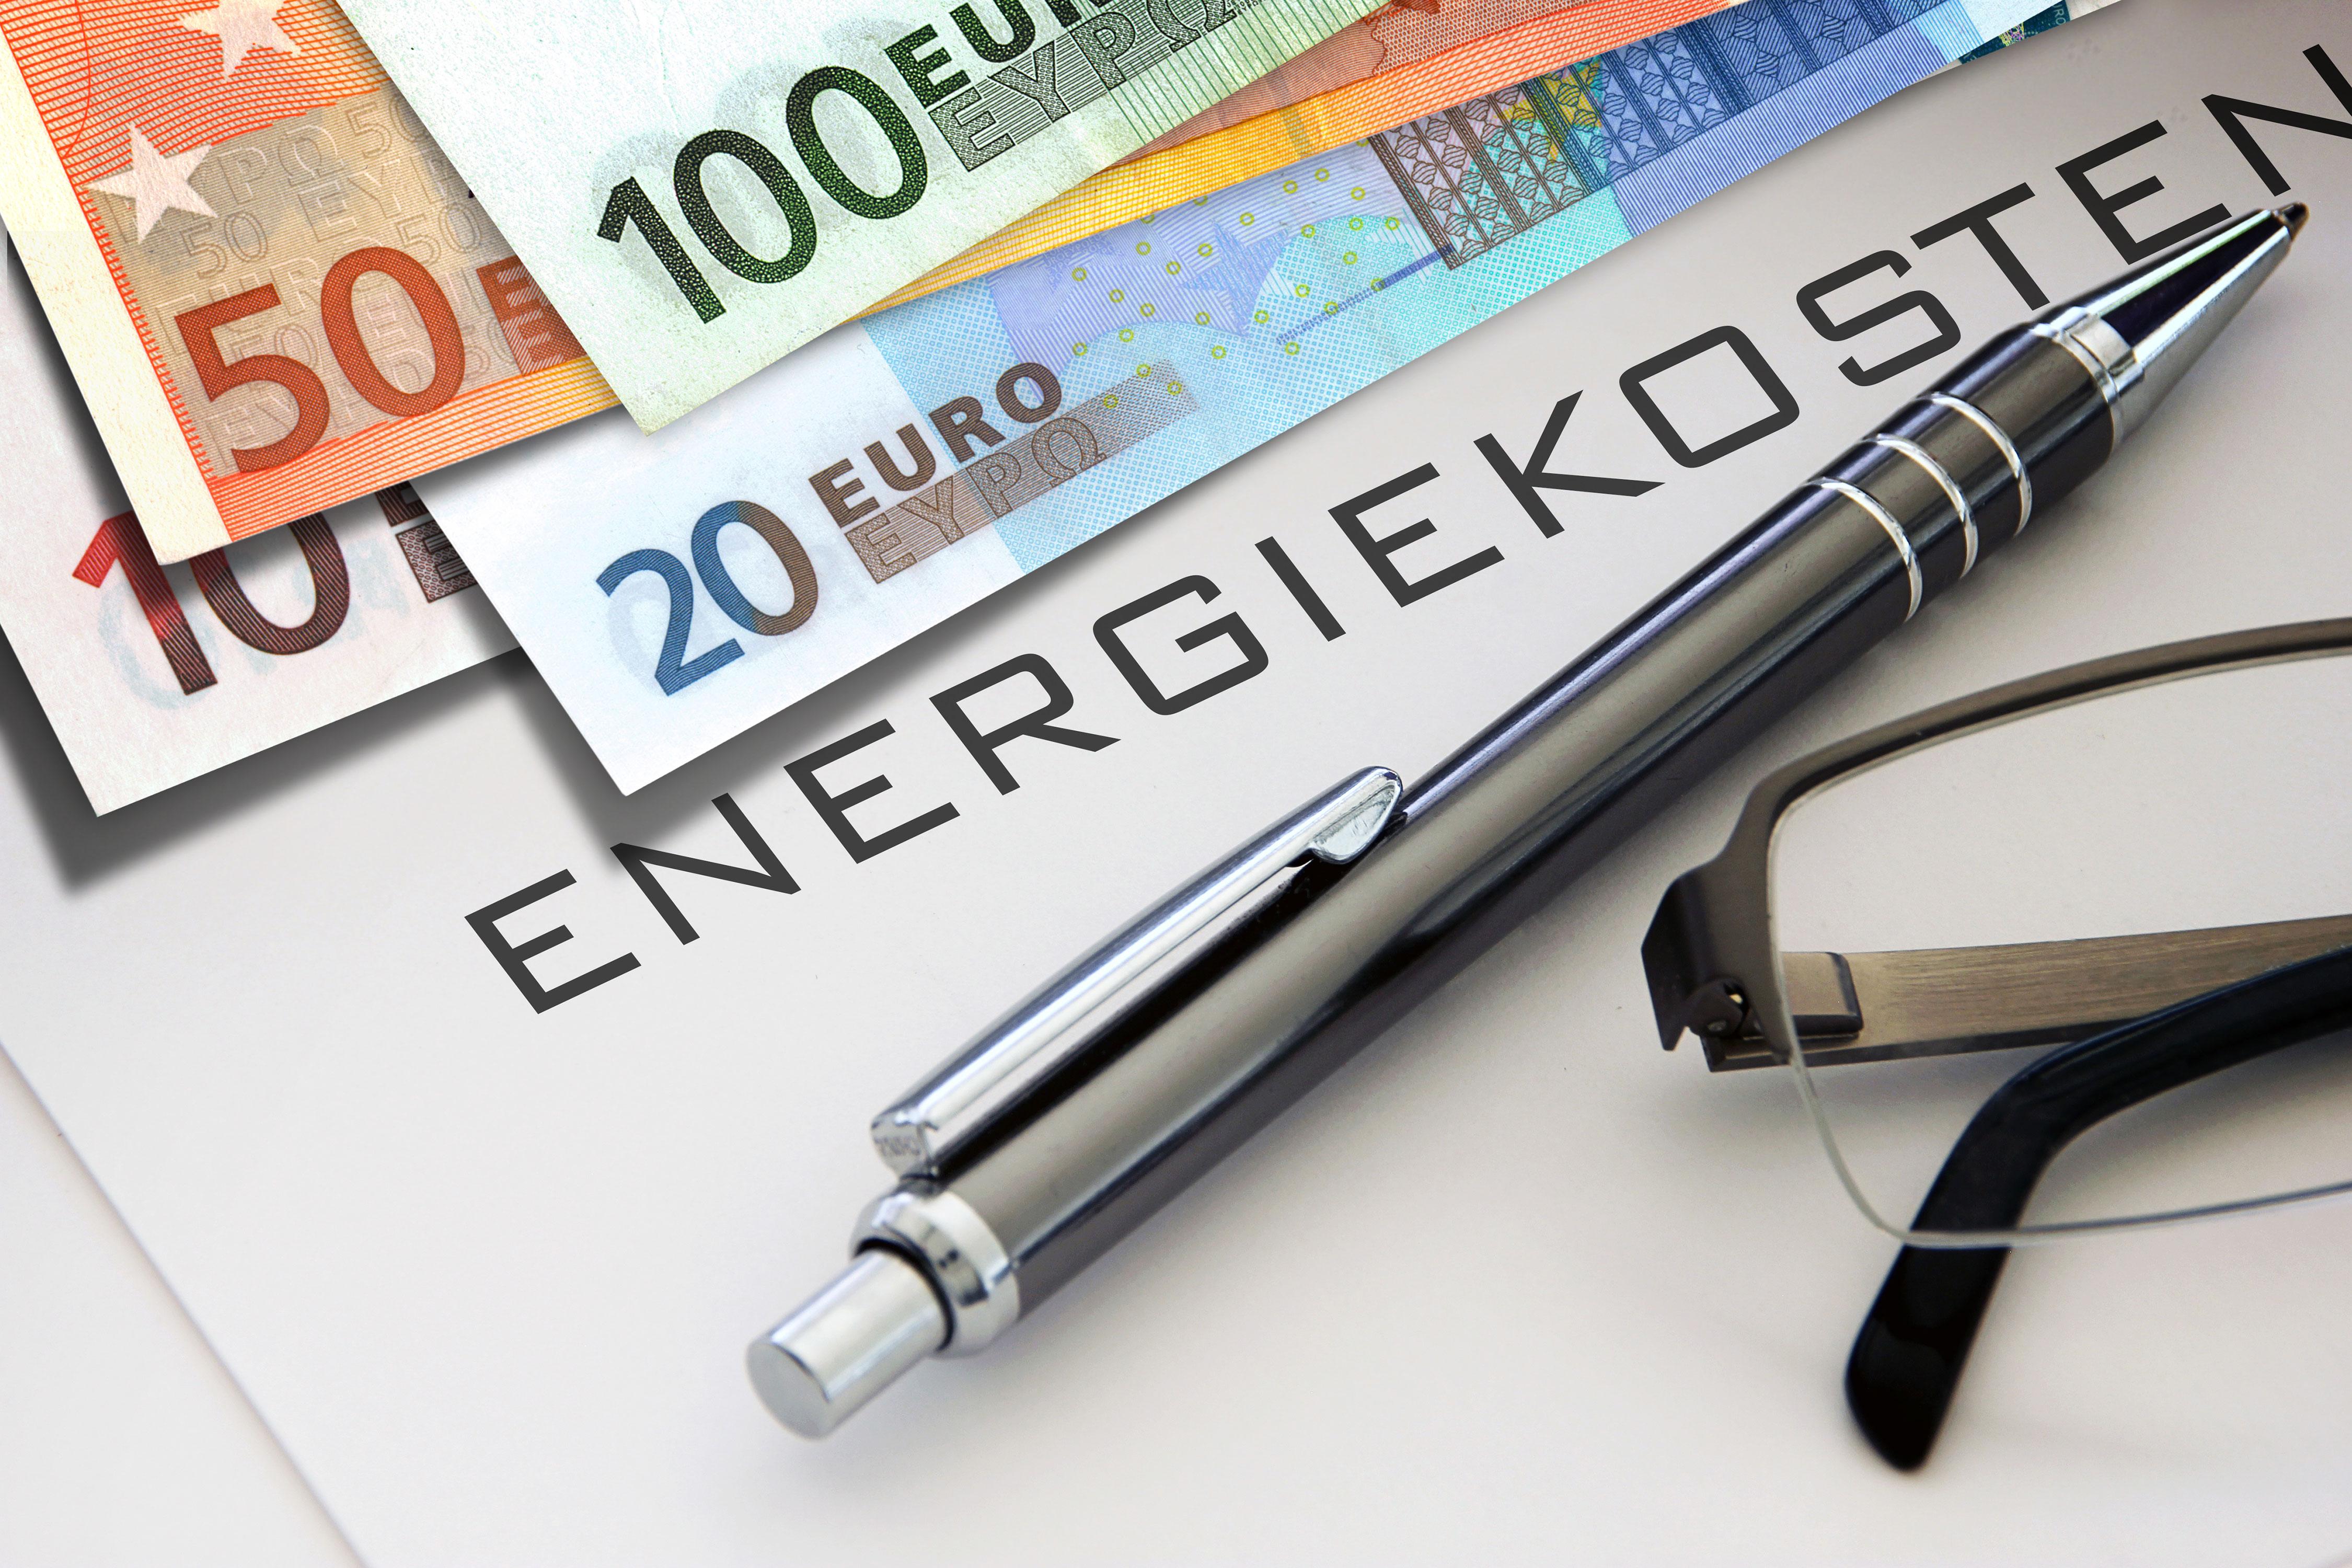 Kugelschreiber, Brille und Geldscheine auf Dokument mit Schriftzug Energiekosten